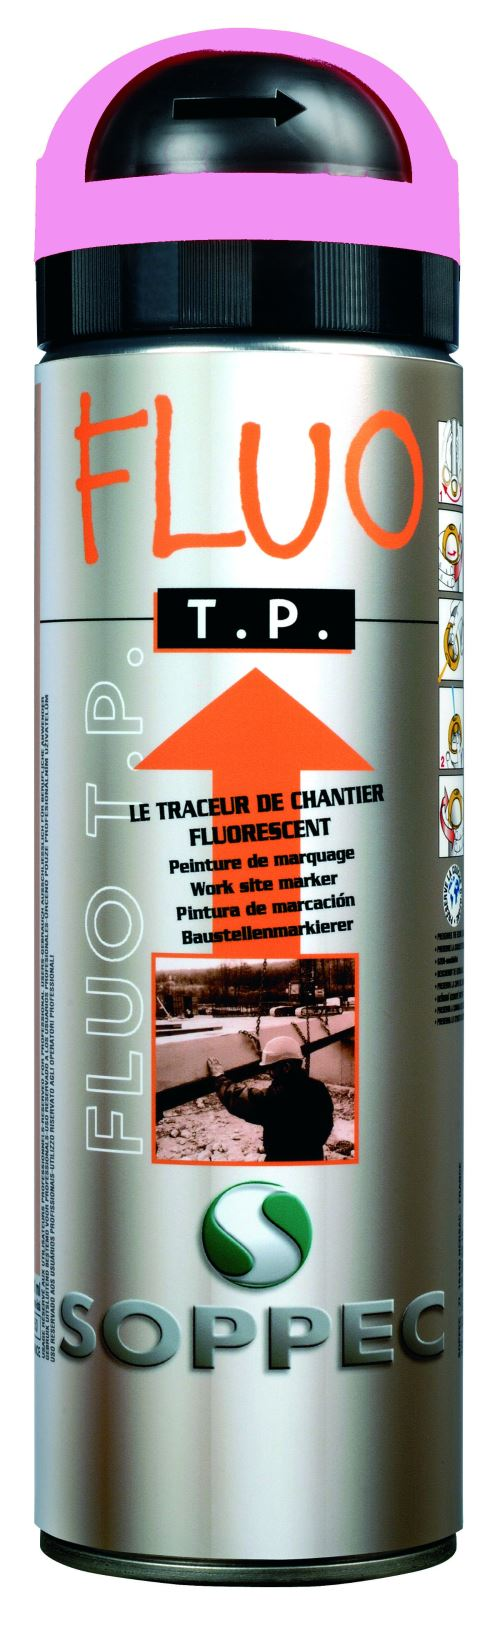 Traceur De Chantier Violet Fluo Soppec- 141520